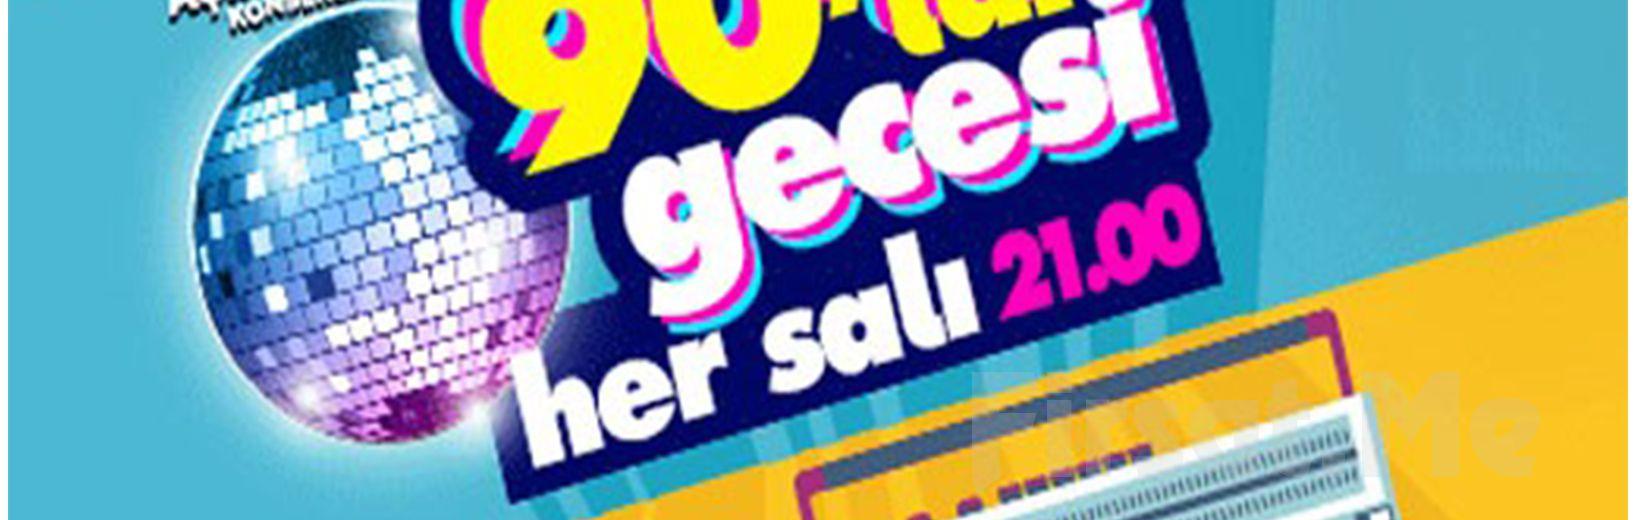 Beyoğlu Sanat Performance'ta Her Salı 90'lar Gecesi Açık Hava Konserleri Giriş Bileti